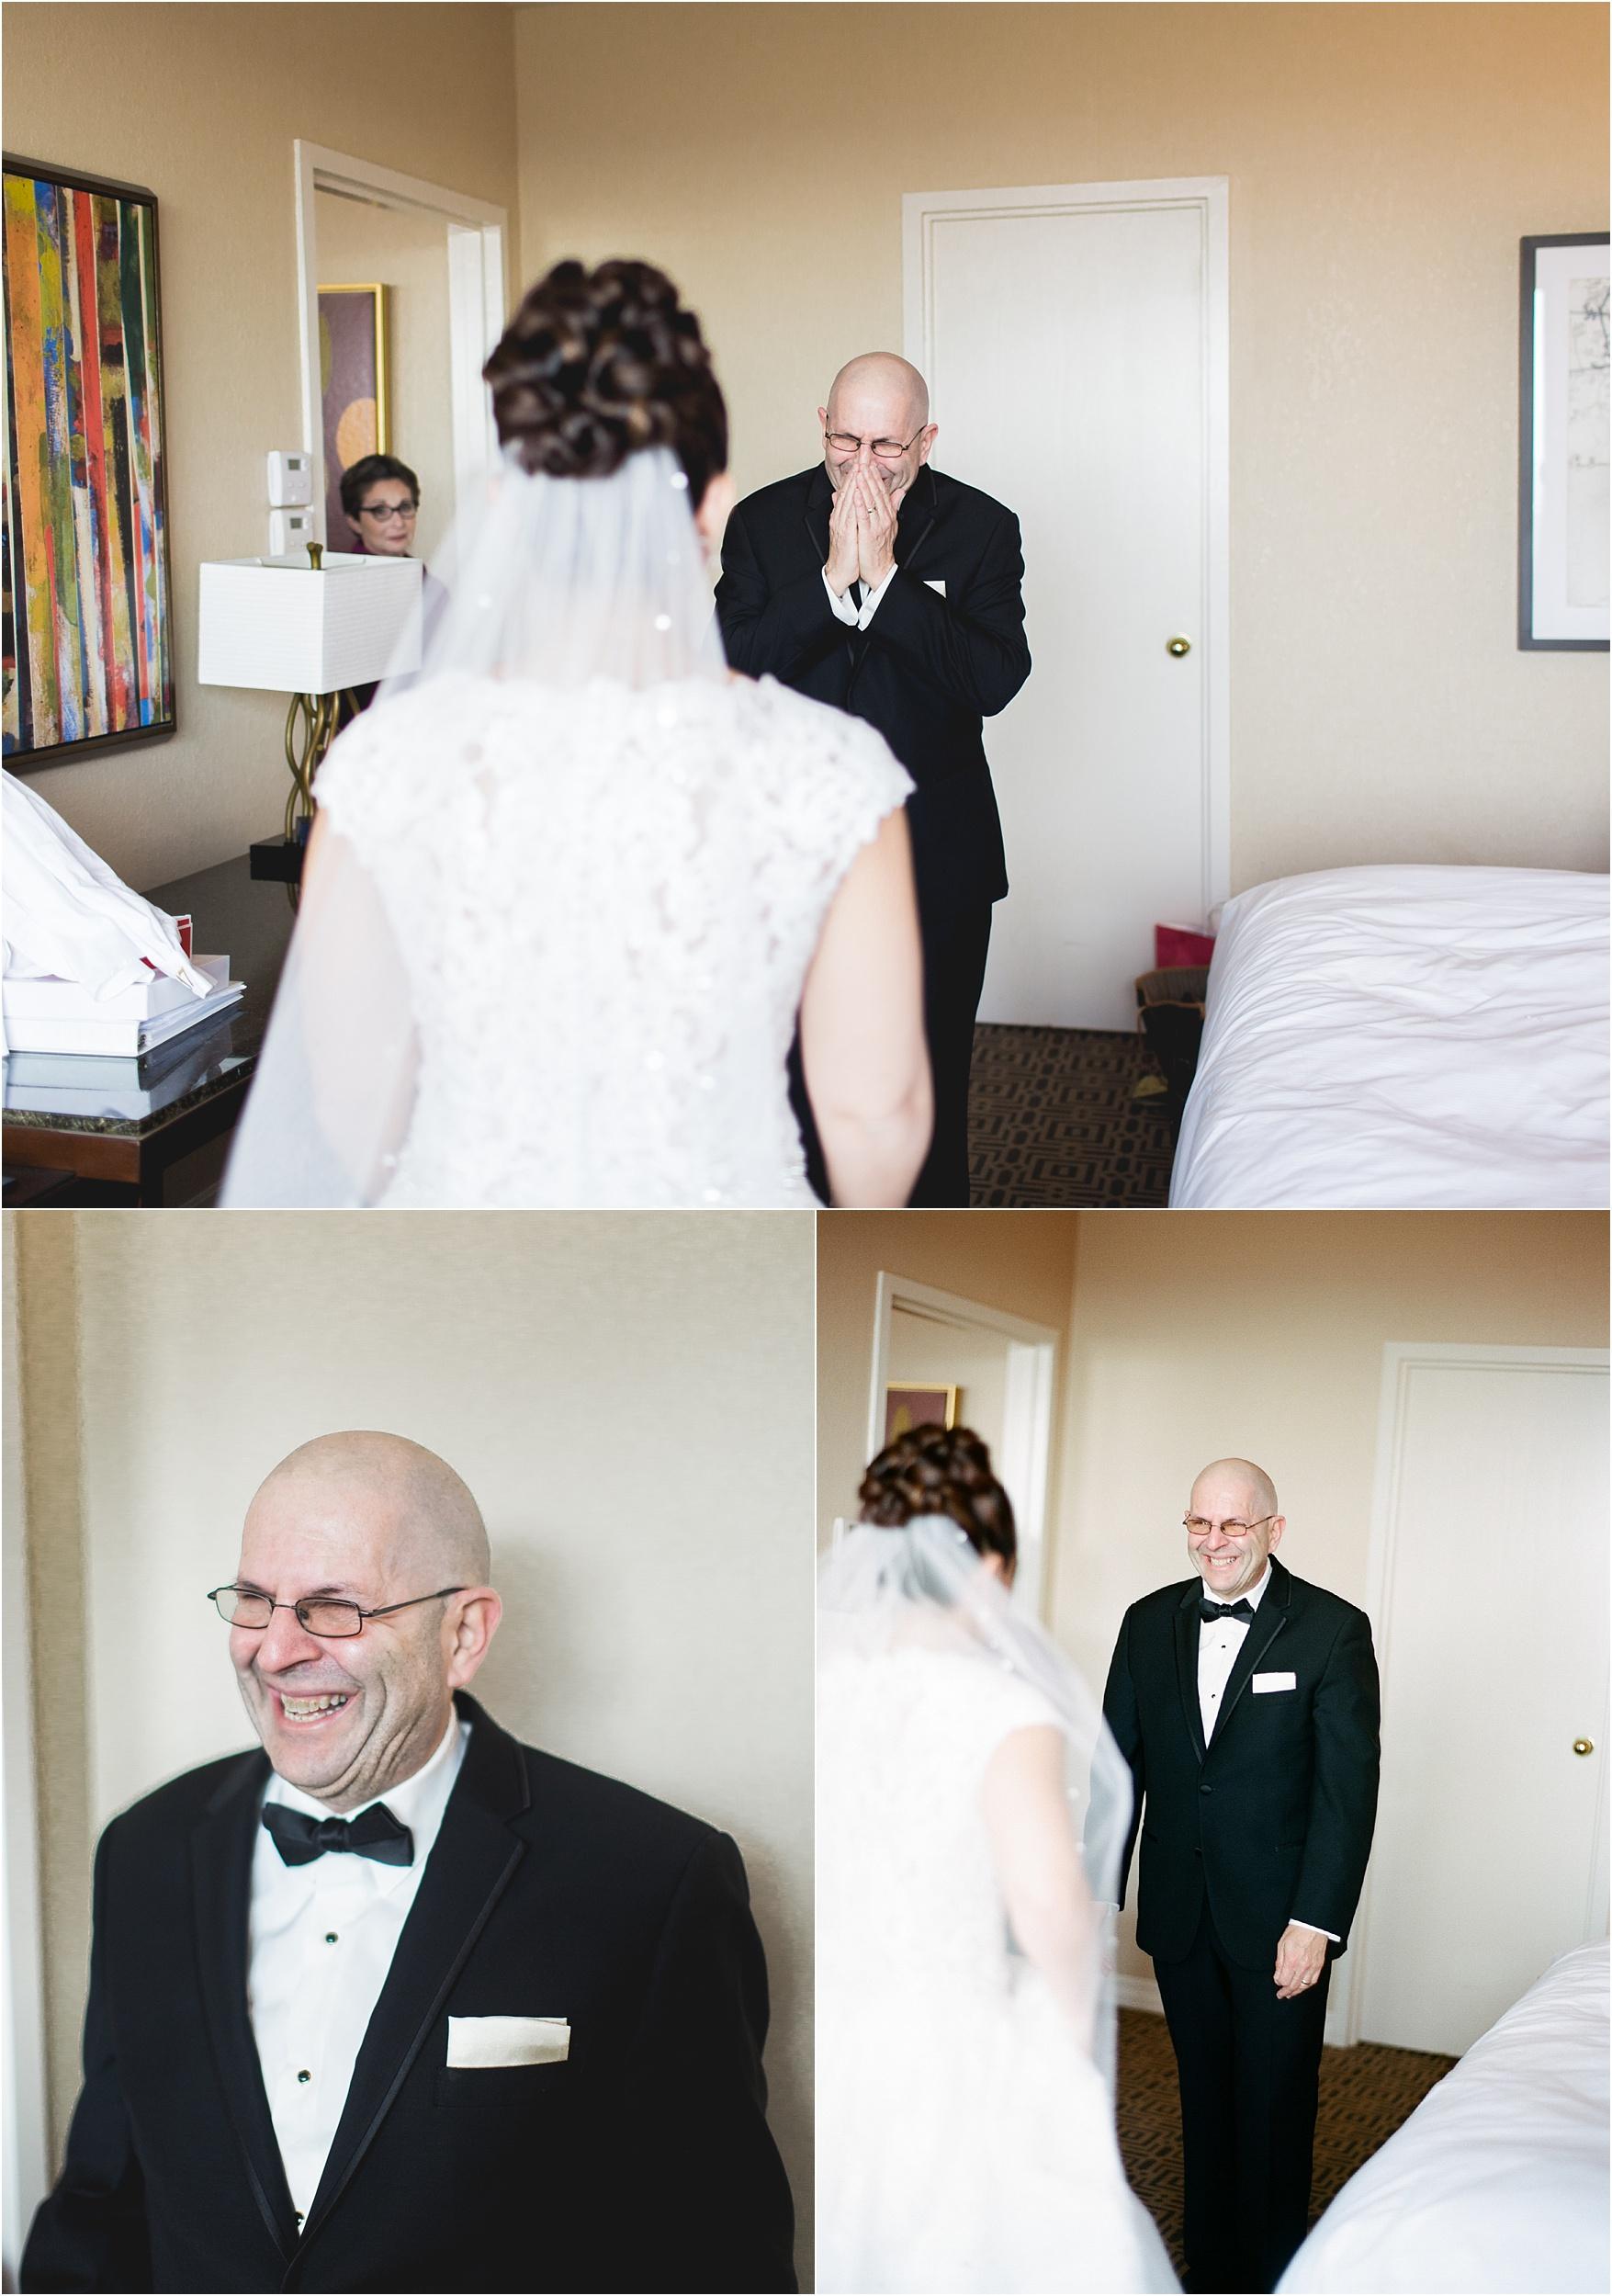 wedding photography st louis_lauren muckler photography_film photographer_film wedding_0049.jpg